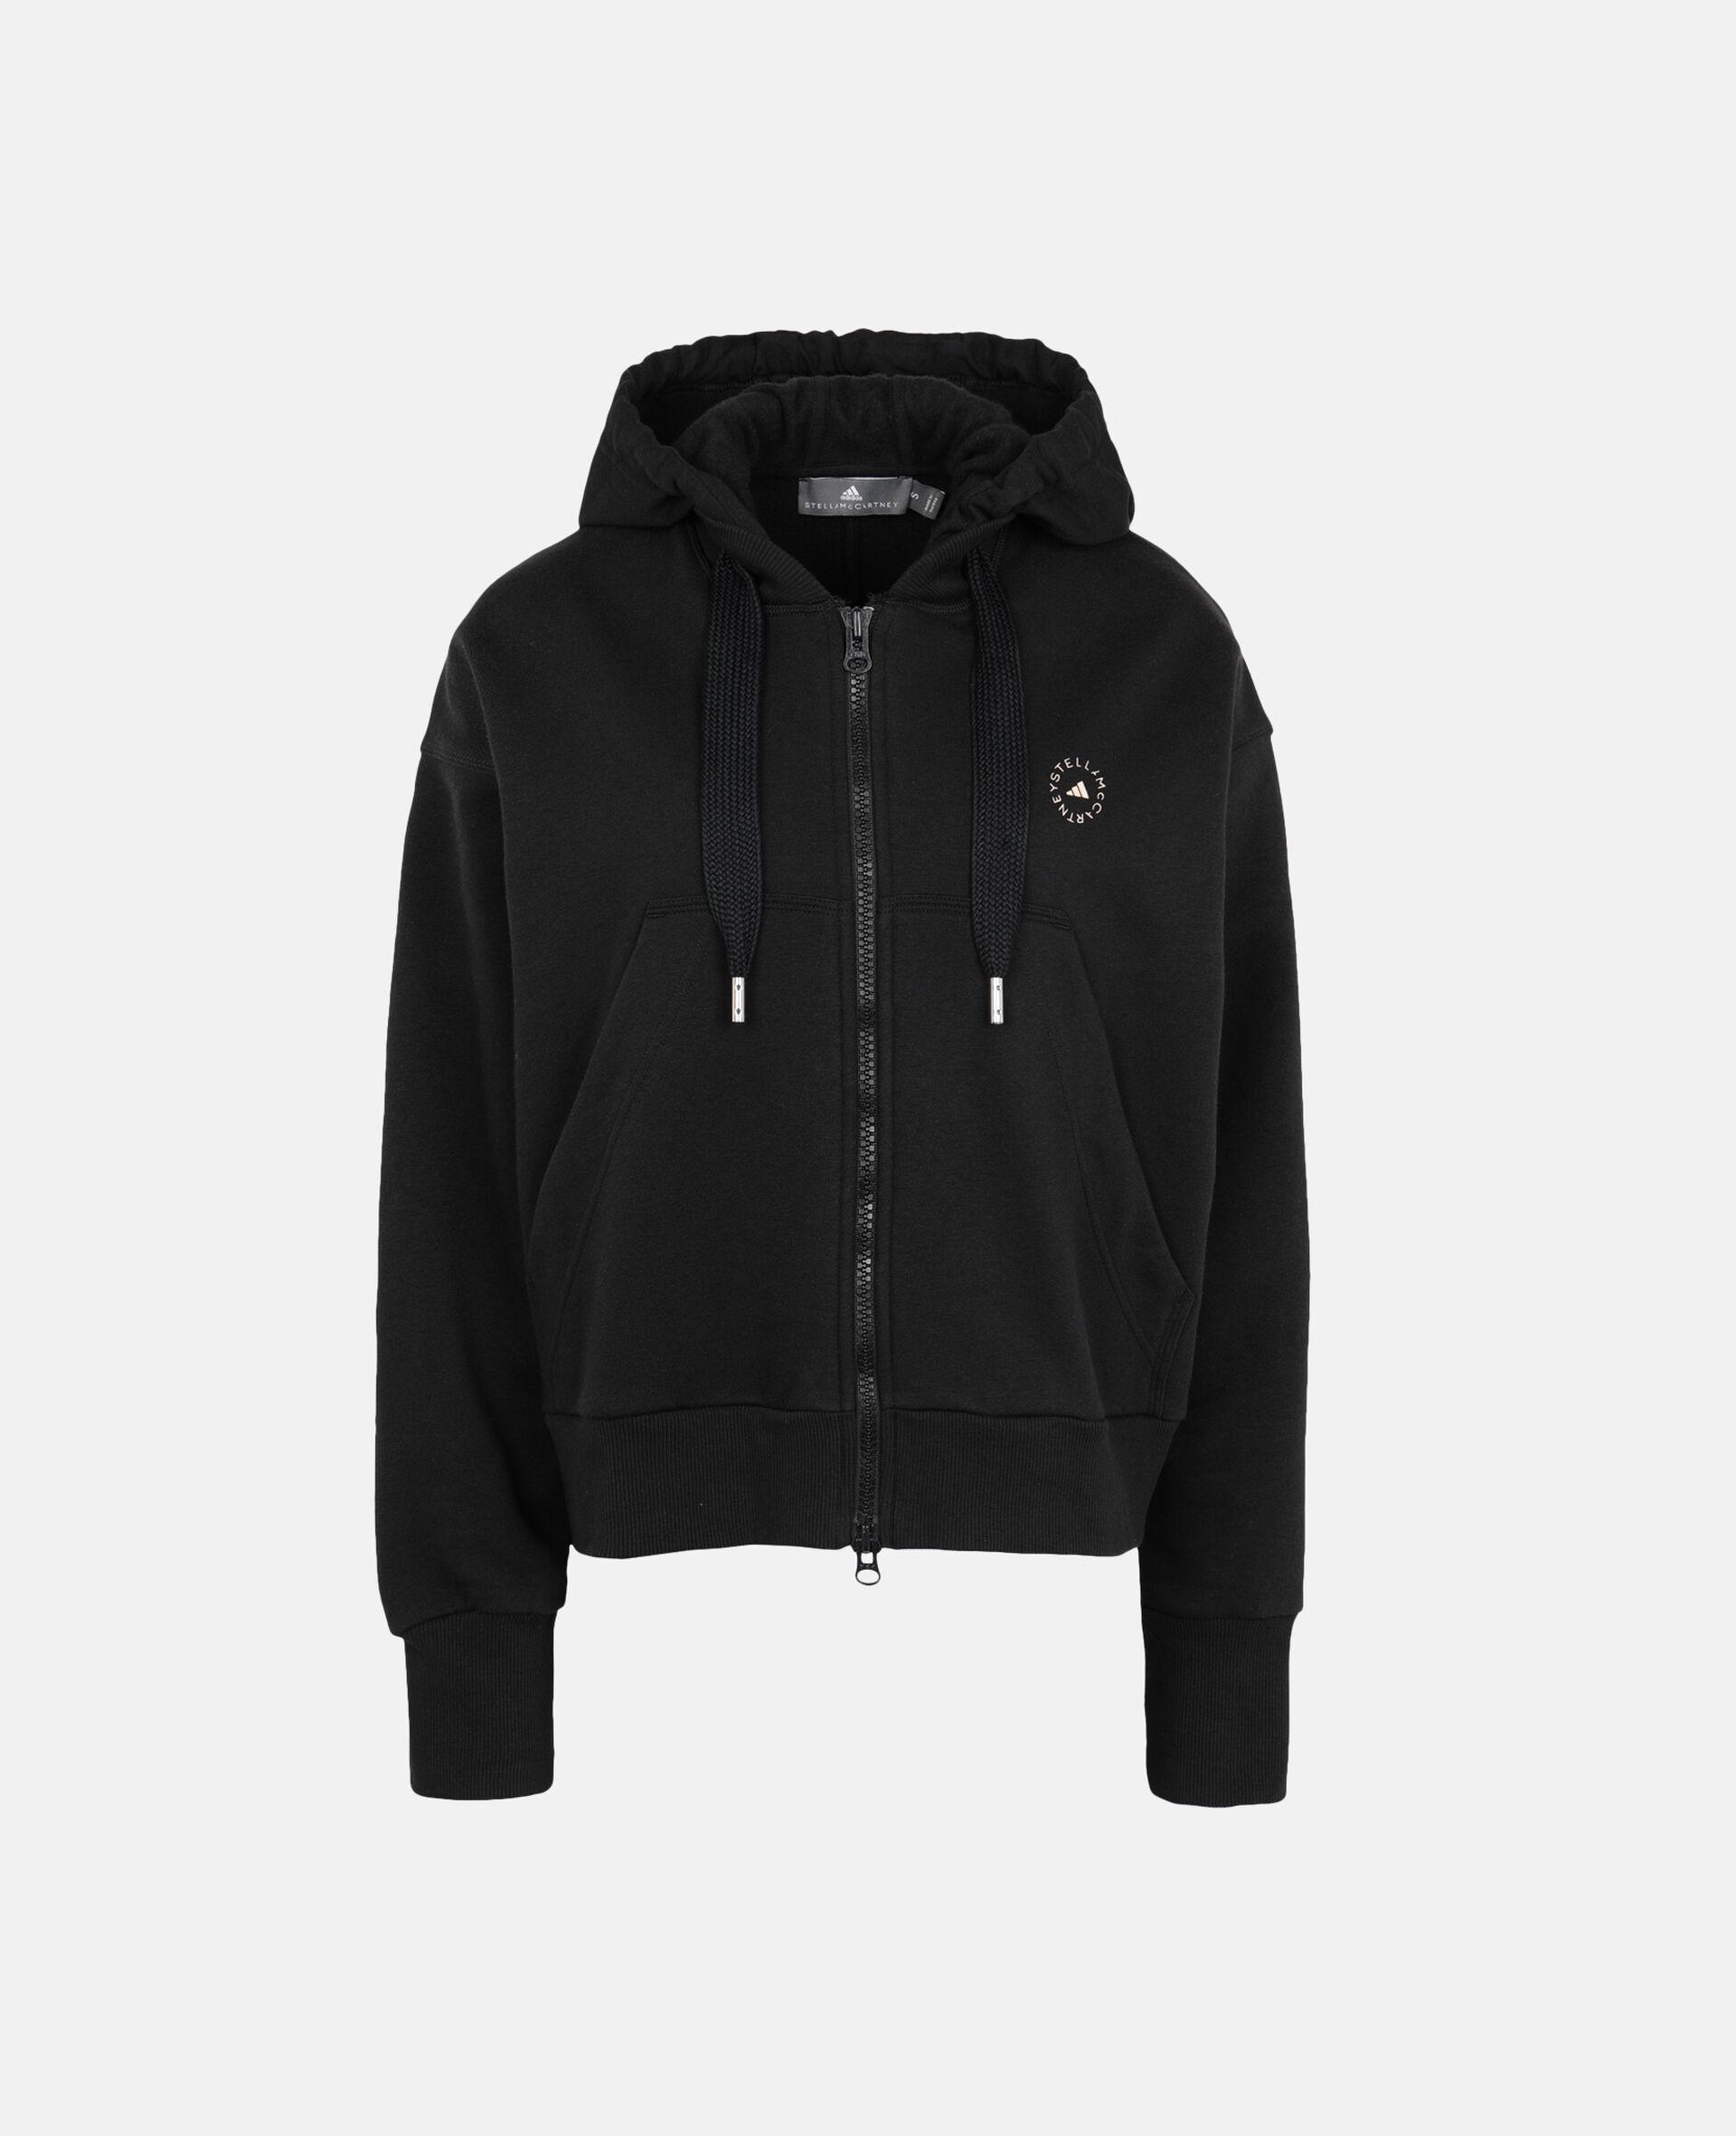 Black Full-zip Cropped Hoodie-Black-large image number 0